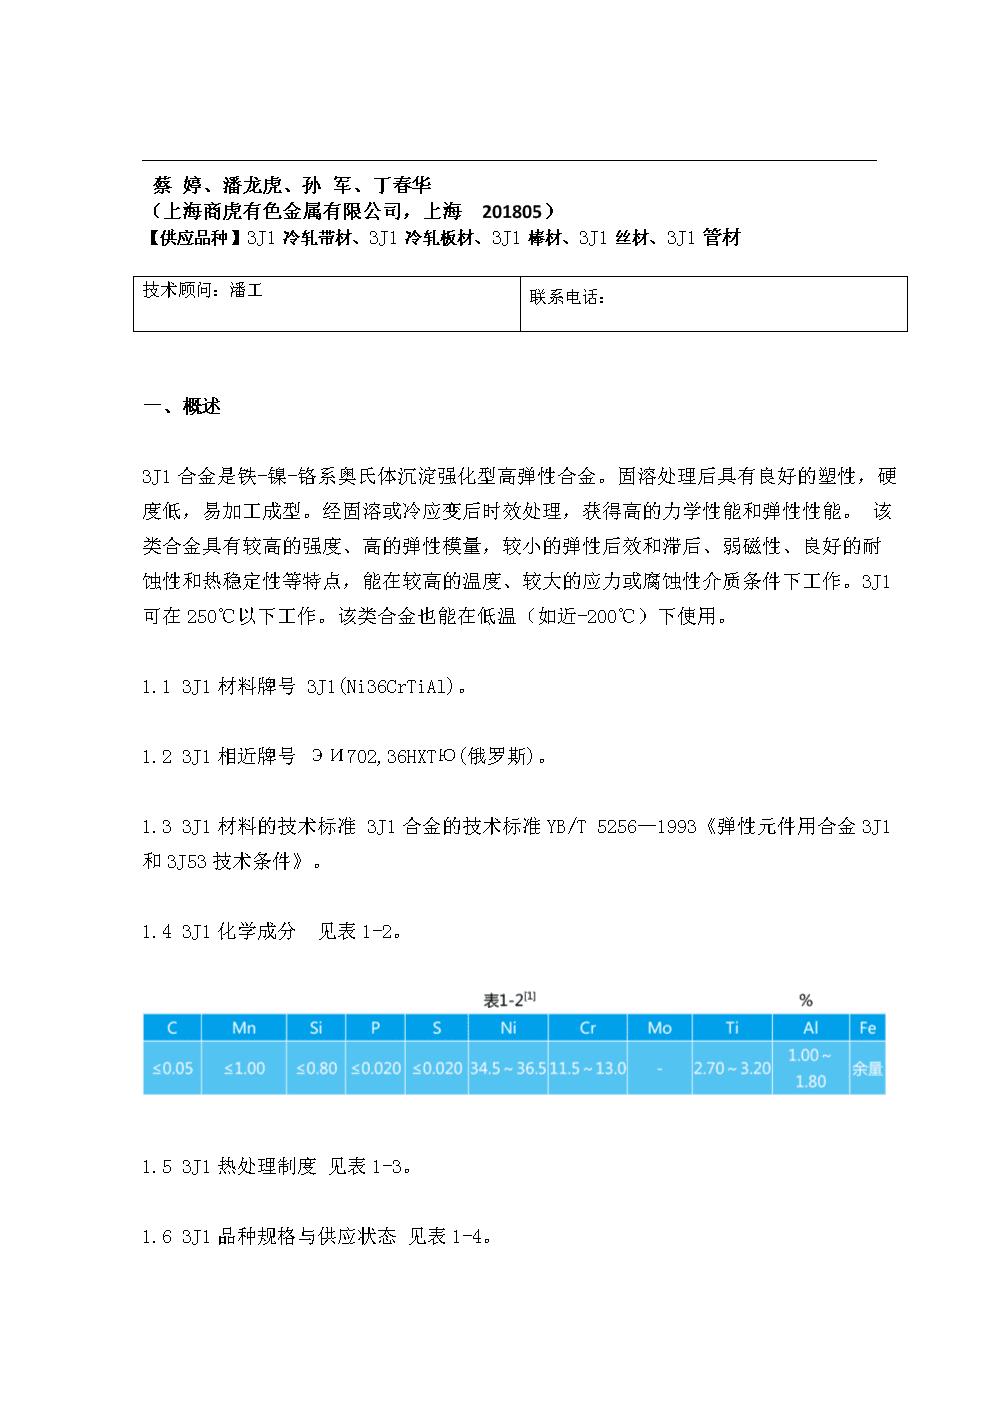 3J1(Ni36CrTiAl)弹性合金-上海商虎合金技术.doc